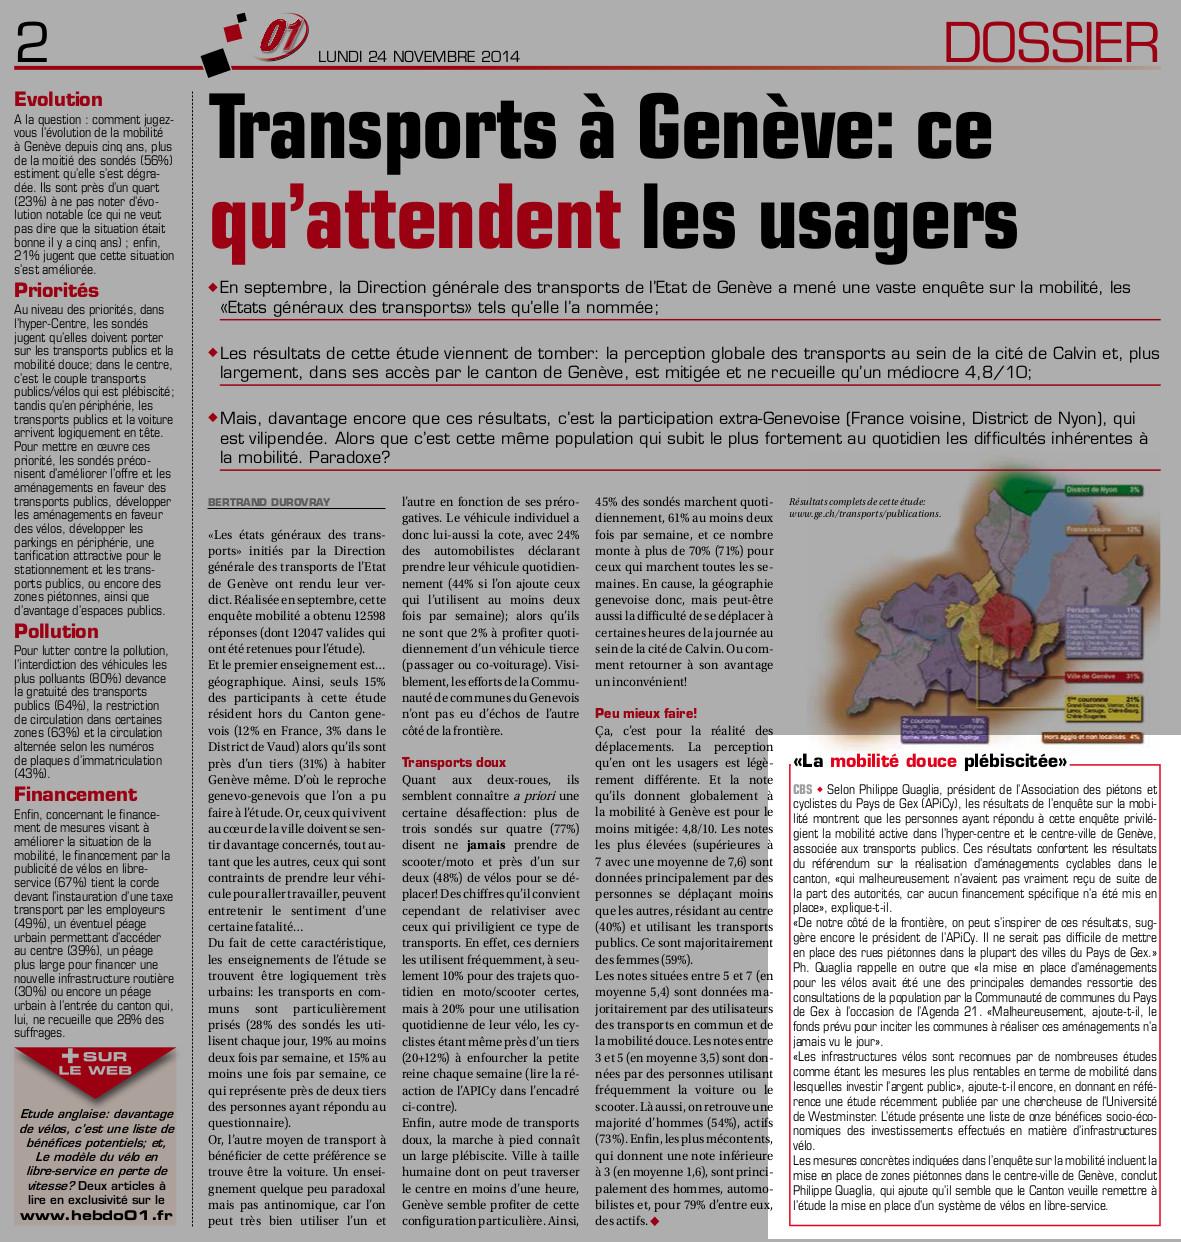 Article dans Hebdo01 sur nos réactions à l'enquête de mobilité du canton de Genève